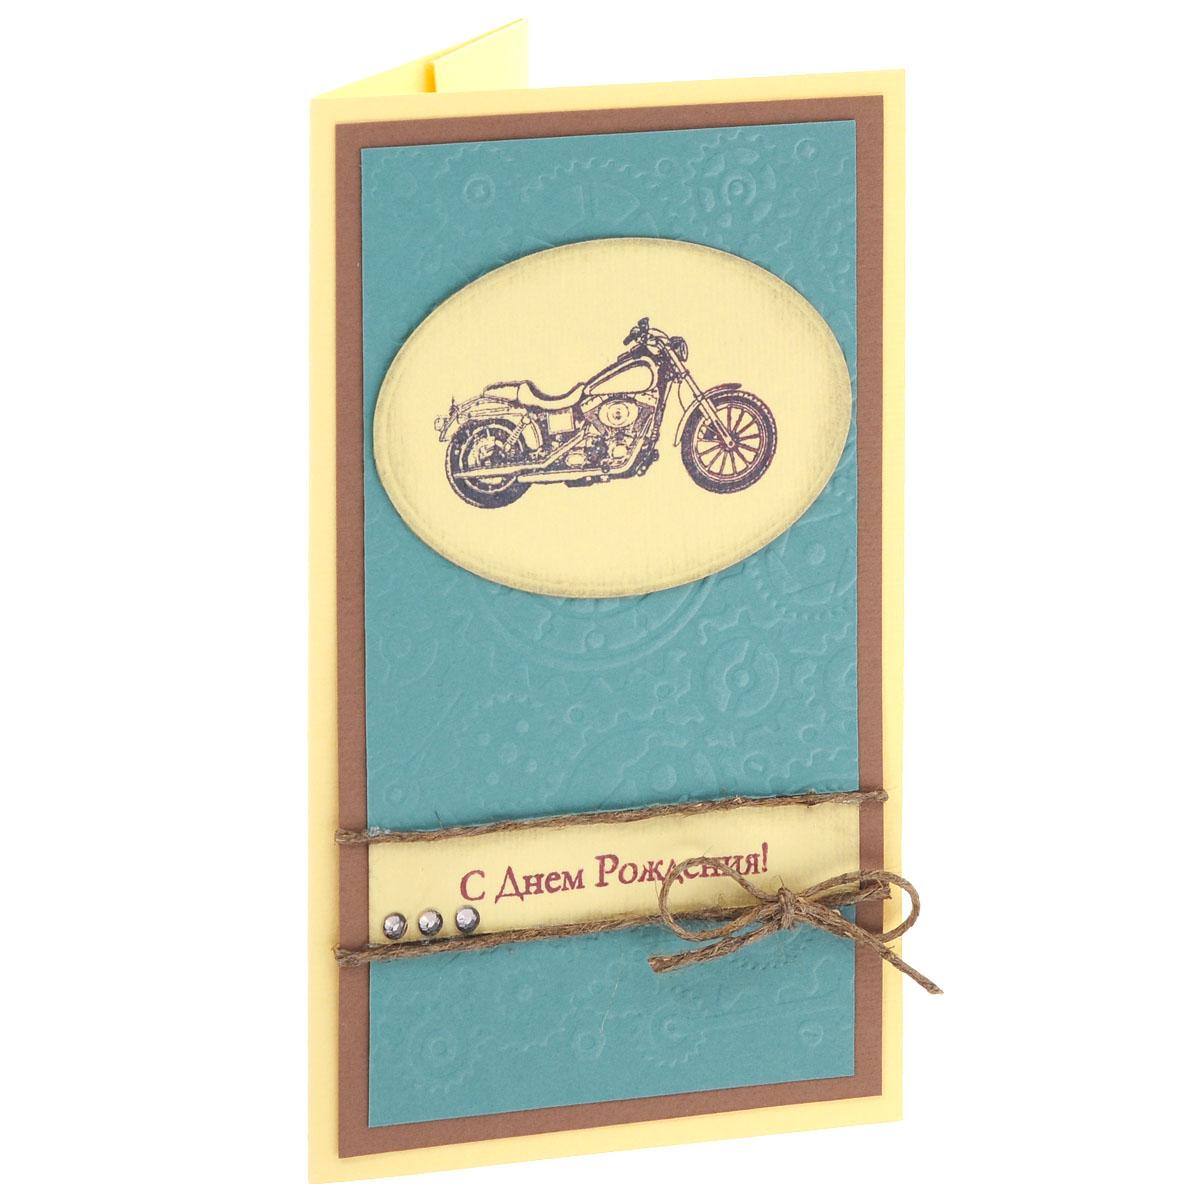 ОМ-0005 Открытка-конверт «С Днём Рождения!» (мотоцикл, св. желтая с бирюзовым фоном). Студия «Тётя Роза»АРТ 021-W_новыйХарактеристики: Размер 19 см x 11 см.Материал: Высоко-художественный картон, бумага, декор. Данная открытка может стать как прекрасным дополнением к вашему подарку, так и самостоятельным подарком. Так как открытка является и конвертом, в который вы можете вложить ваш денежный подарок или просто написать ваши пожелания на вкладыше.Сдержанная и немногословная открытка, как настоящий мужской характер. Неброская по цветовой гамме, но очень выразительная по дизайнерской идее, с легким налетом винтажа.Также открытка упакована в пакетик для сохранности. Обращаем Ваше внимание на то, что открытка может незначительно отличаться от представленной на фото.Открытки ручной работы от студии Тётя Роза отличаются своим неповторимым и ярким стилем. Каждая уникальна и выполнена вручную мастерами студии. (Открытка для мужчин, открытка для женщины, открытка на день рождения, открытка с днем свадьбы, открытка винтаж, открытка с юбилеем, открытка на все случаи, скрапбукинг)